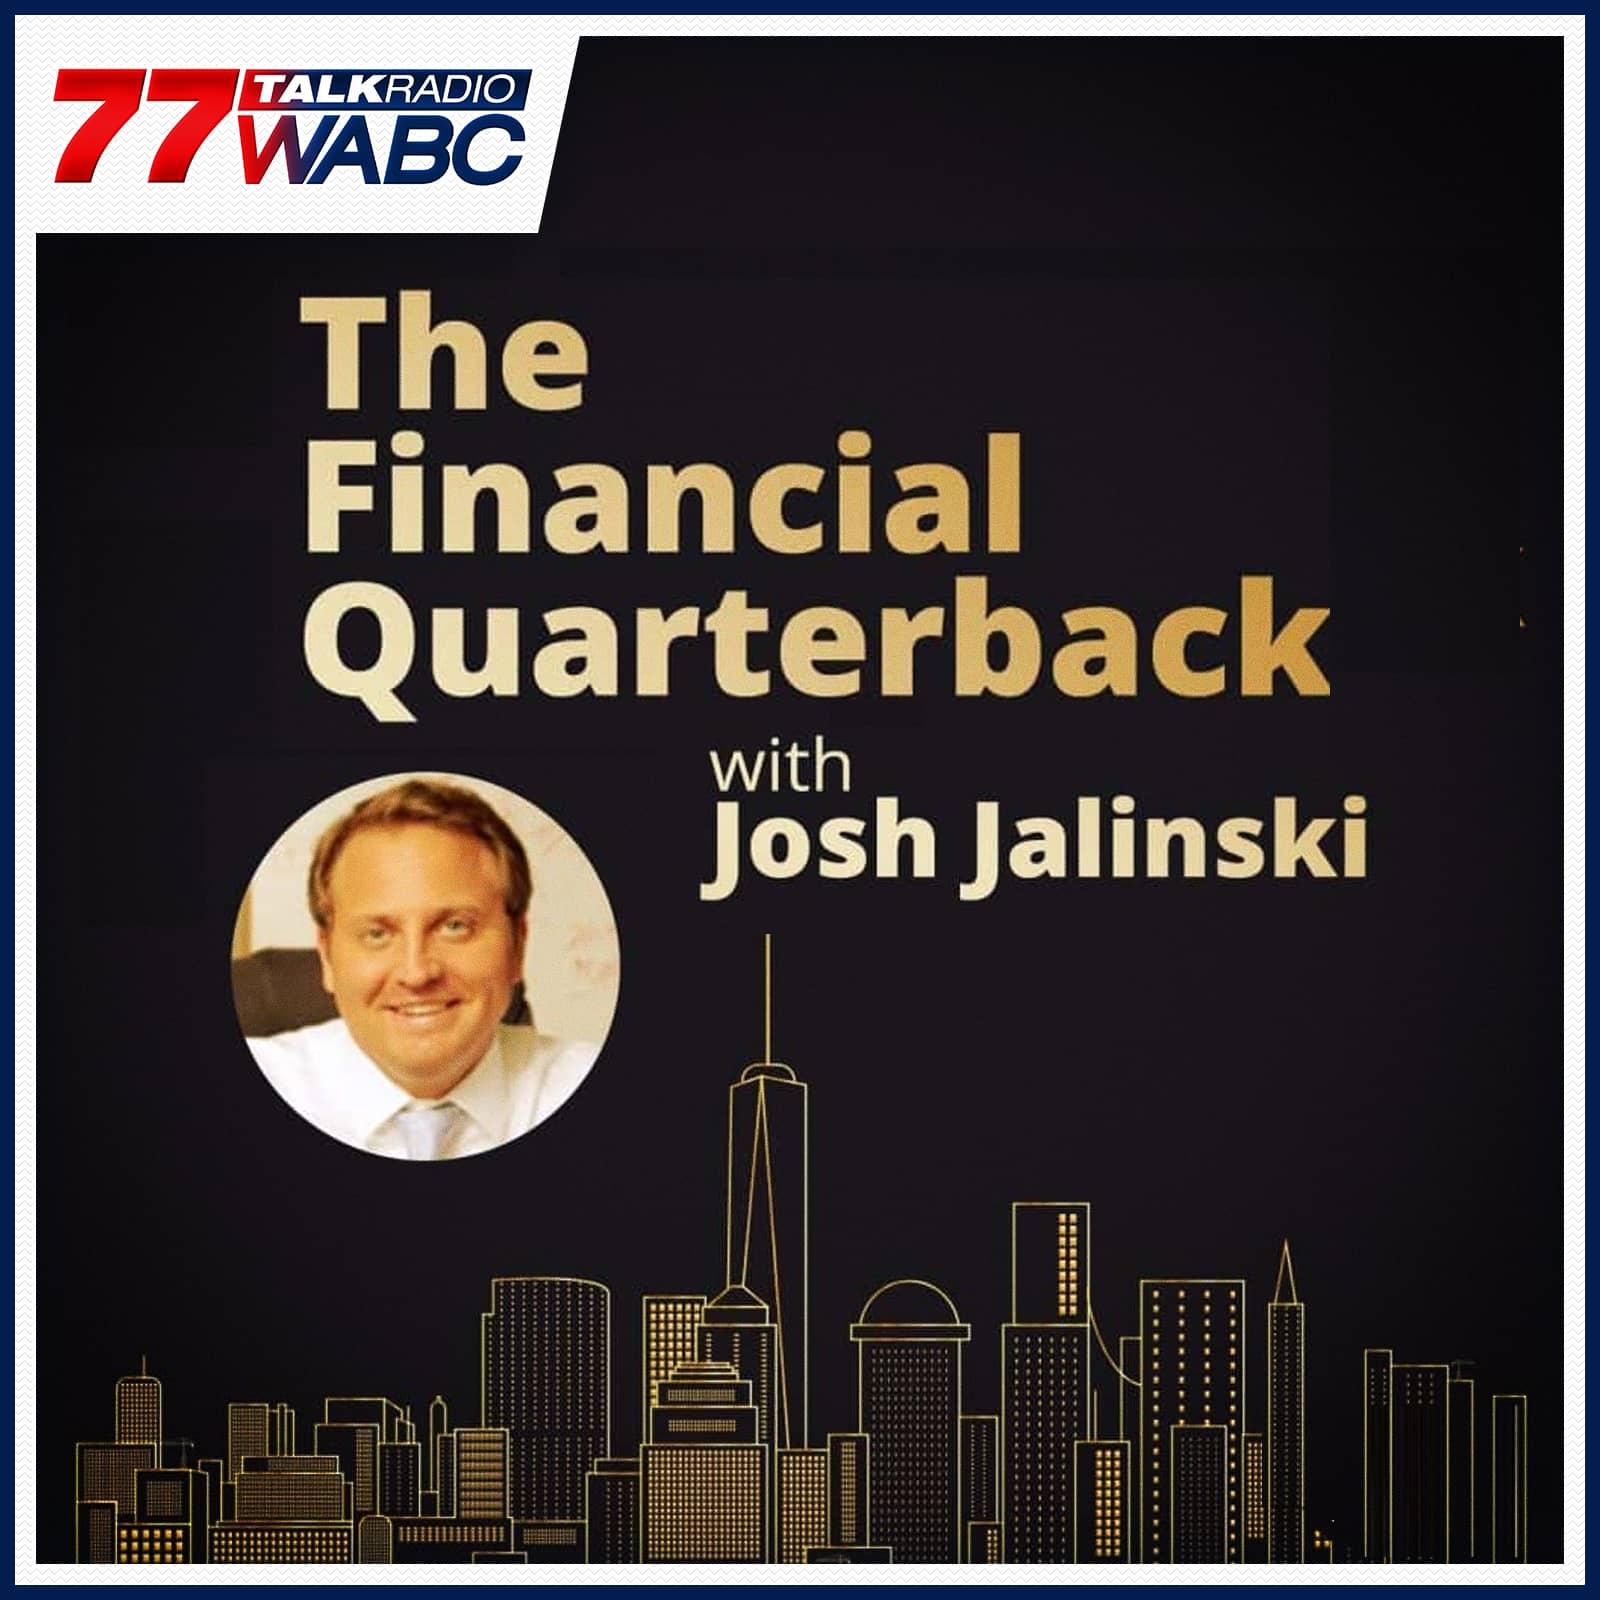 The Financial Quarterback